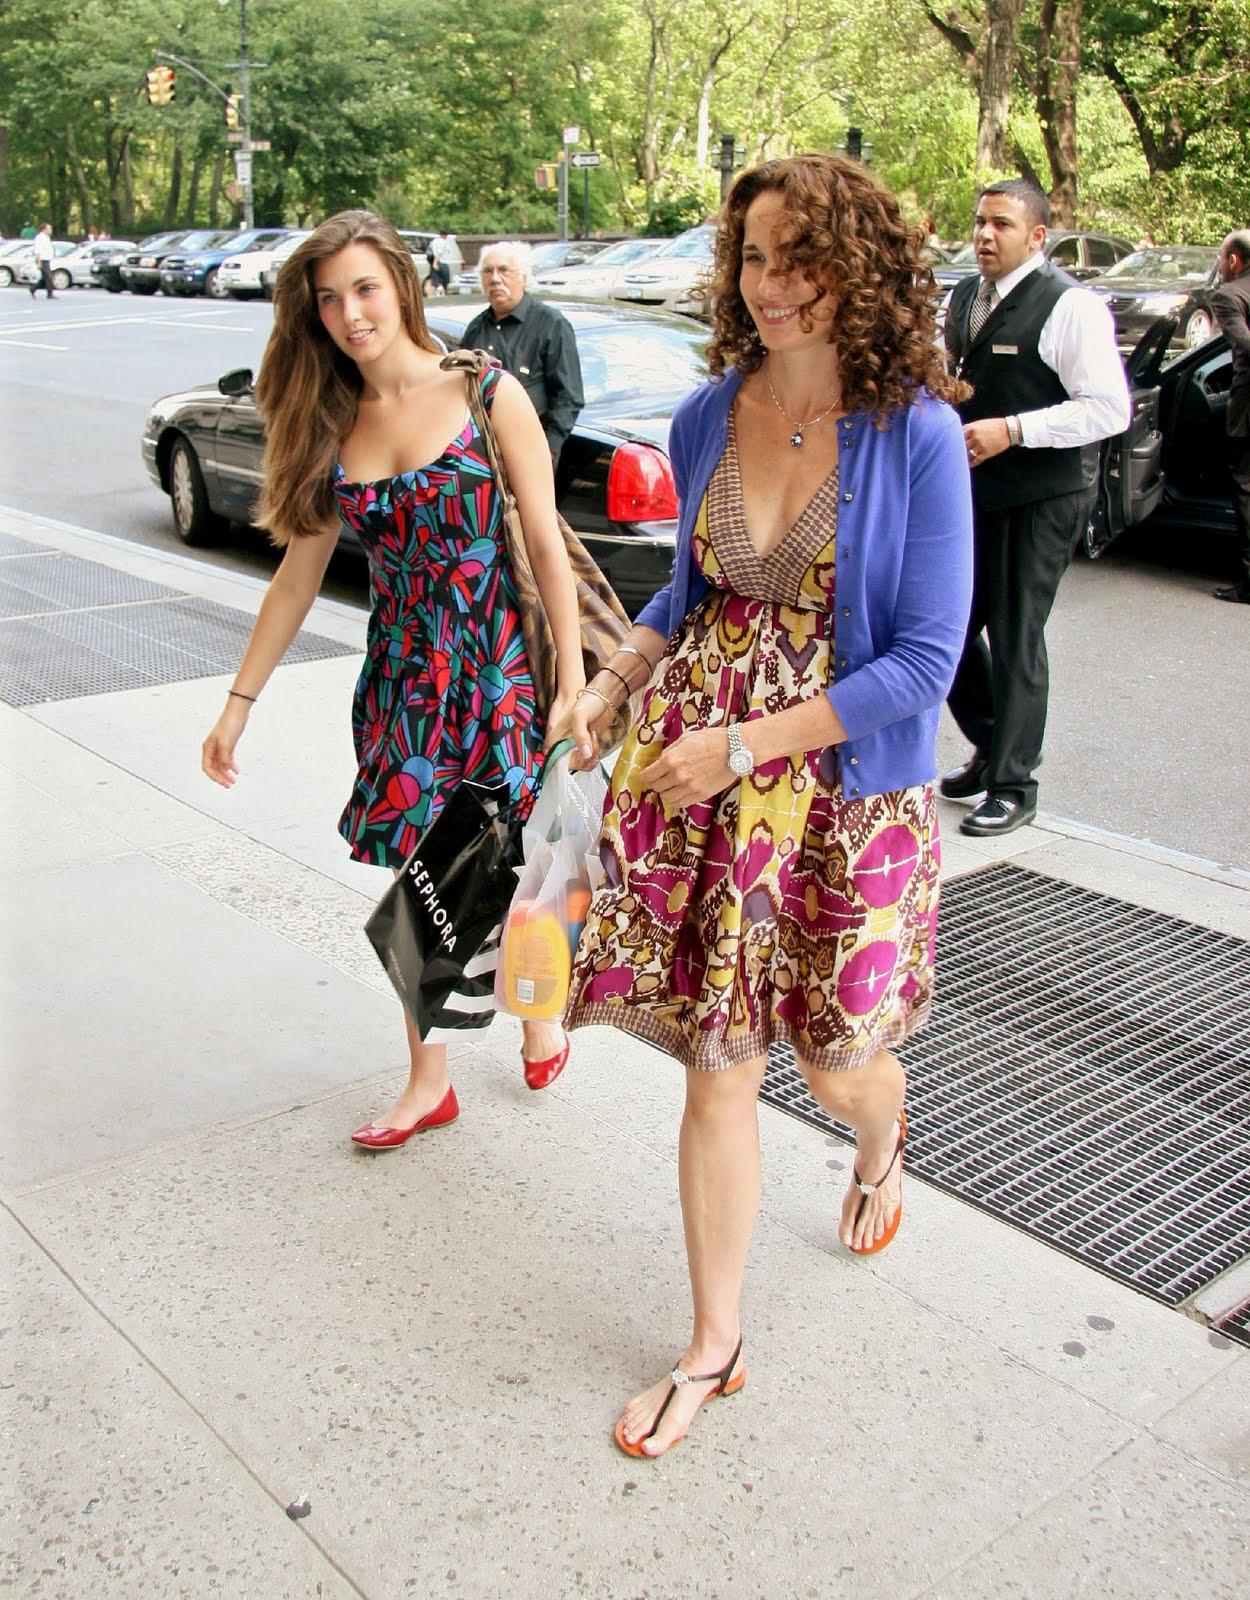 http://3.bp.blogspot.com/_vBAIG6nJkGY/TH_dRDqZsoI/AAAAAAAAC44/dAgHf2LqLjo/s1600/Andie-MacDowell-Feet-44966.jpg